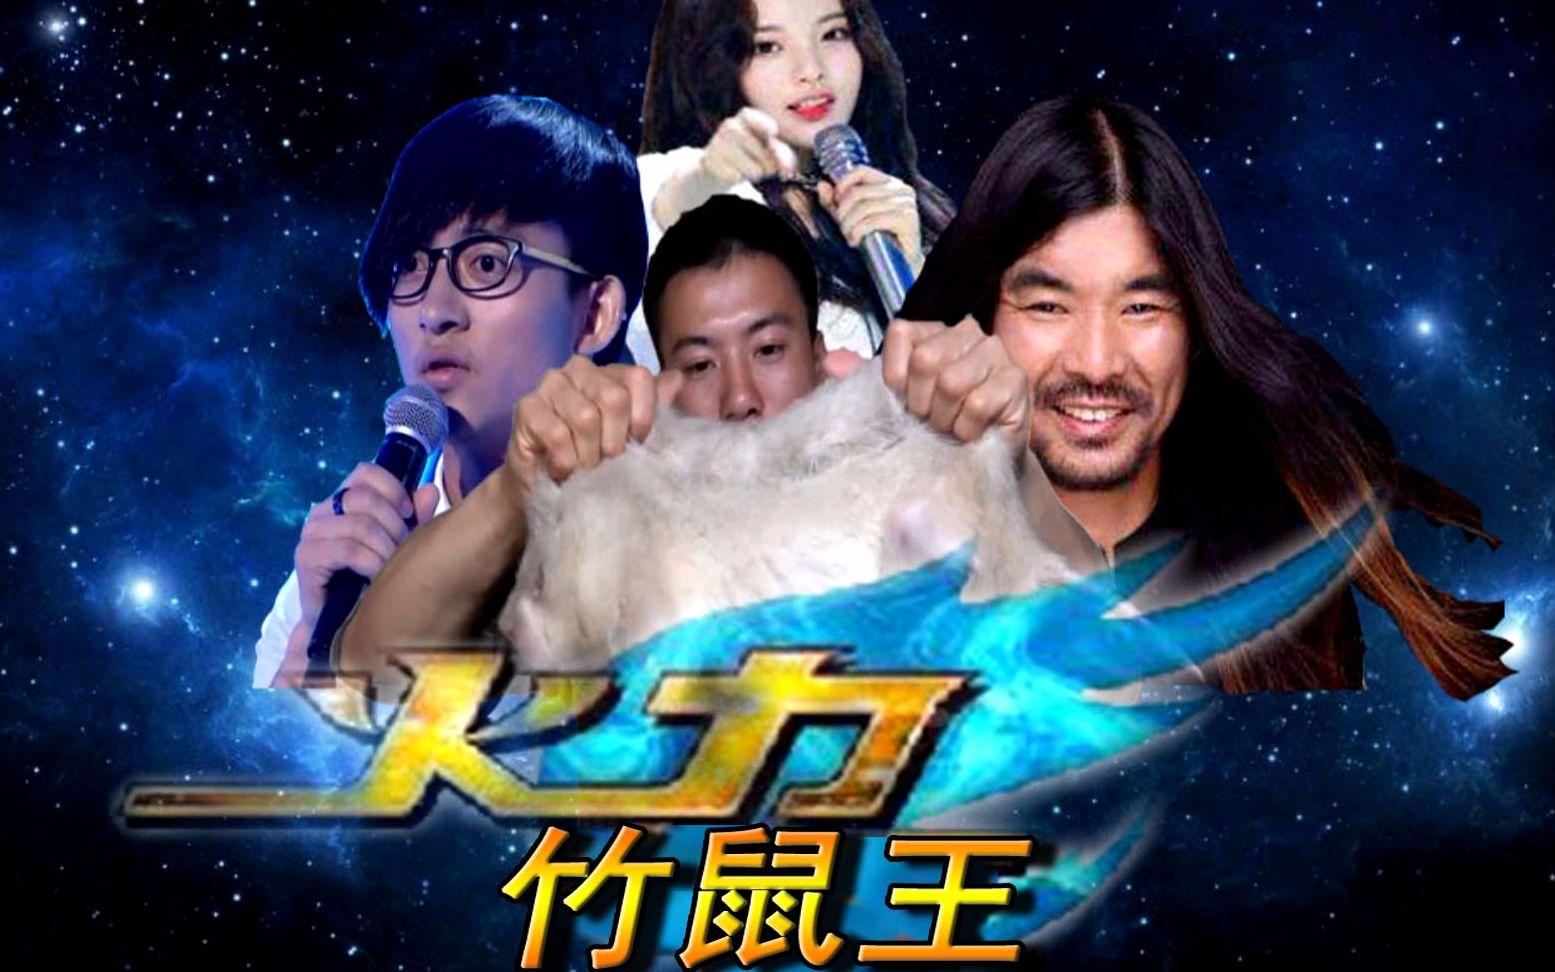 【华农兄弟】火力竹鼠王